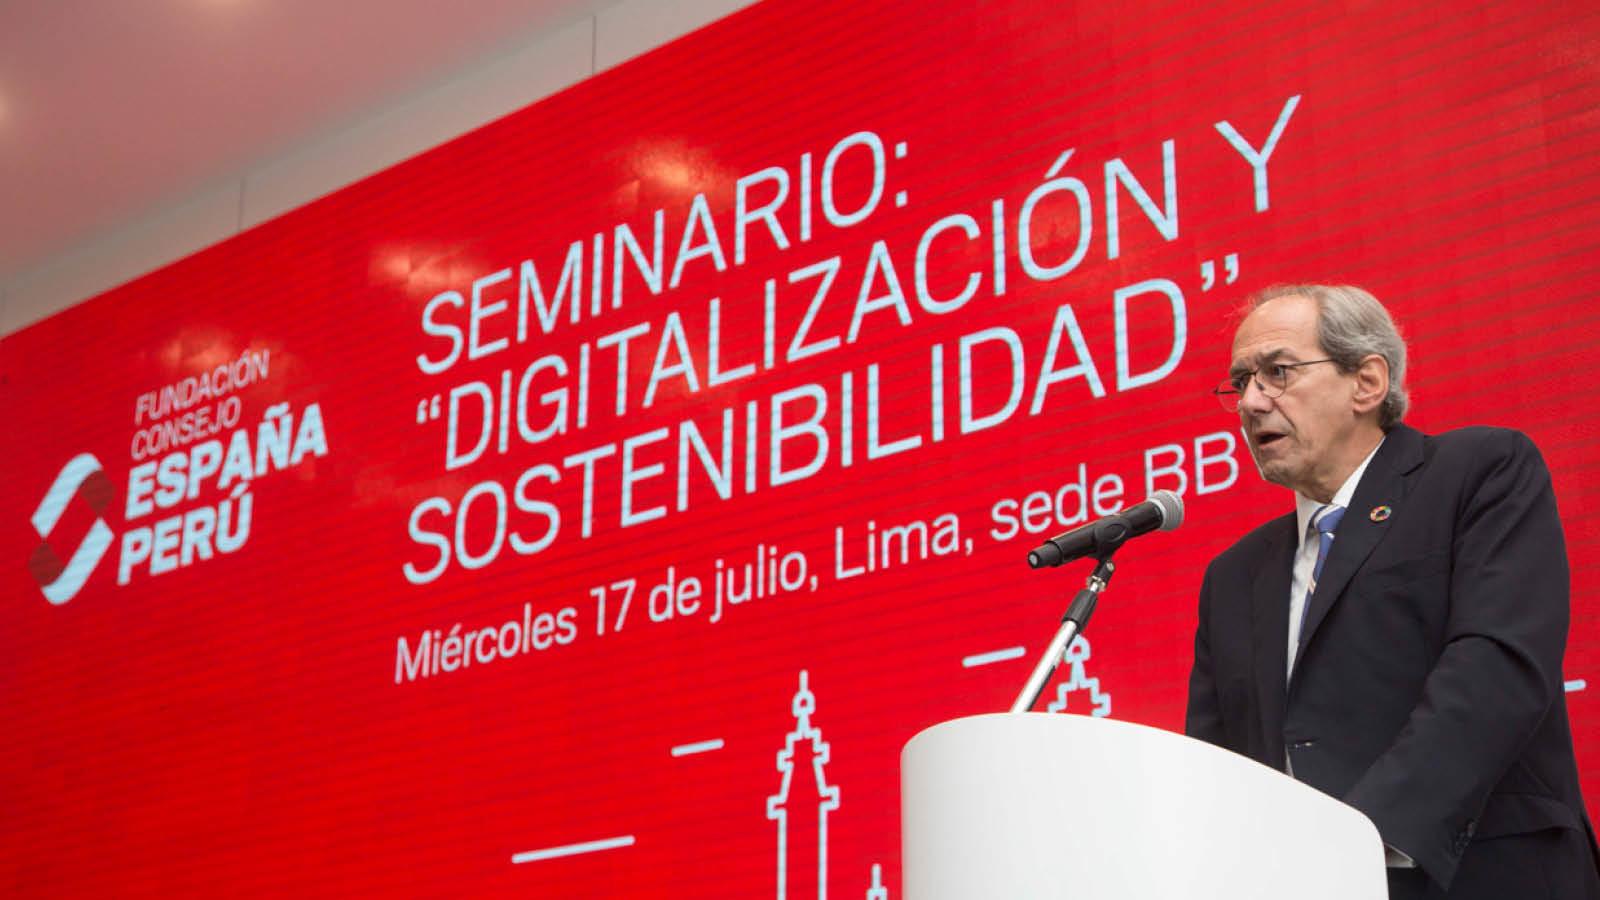 """Seminario: """"Digitalización y Sostenibilidad"""""""